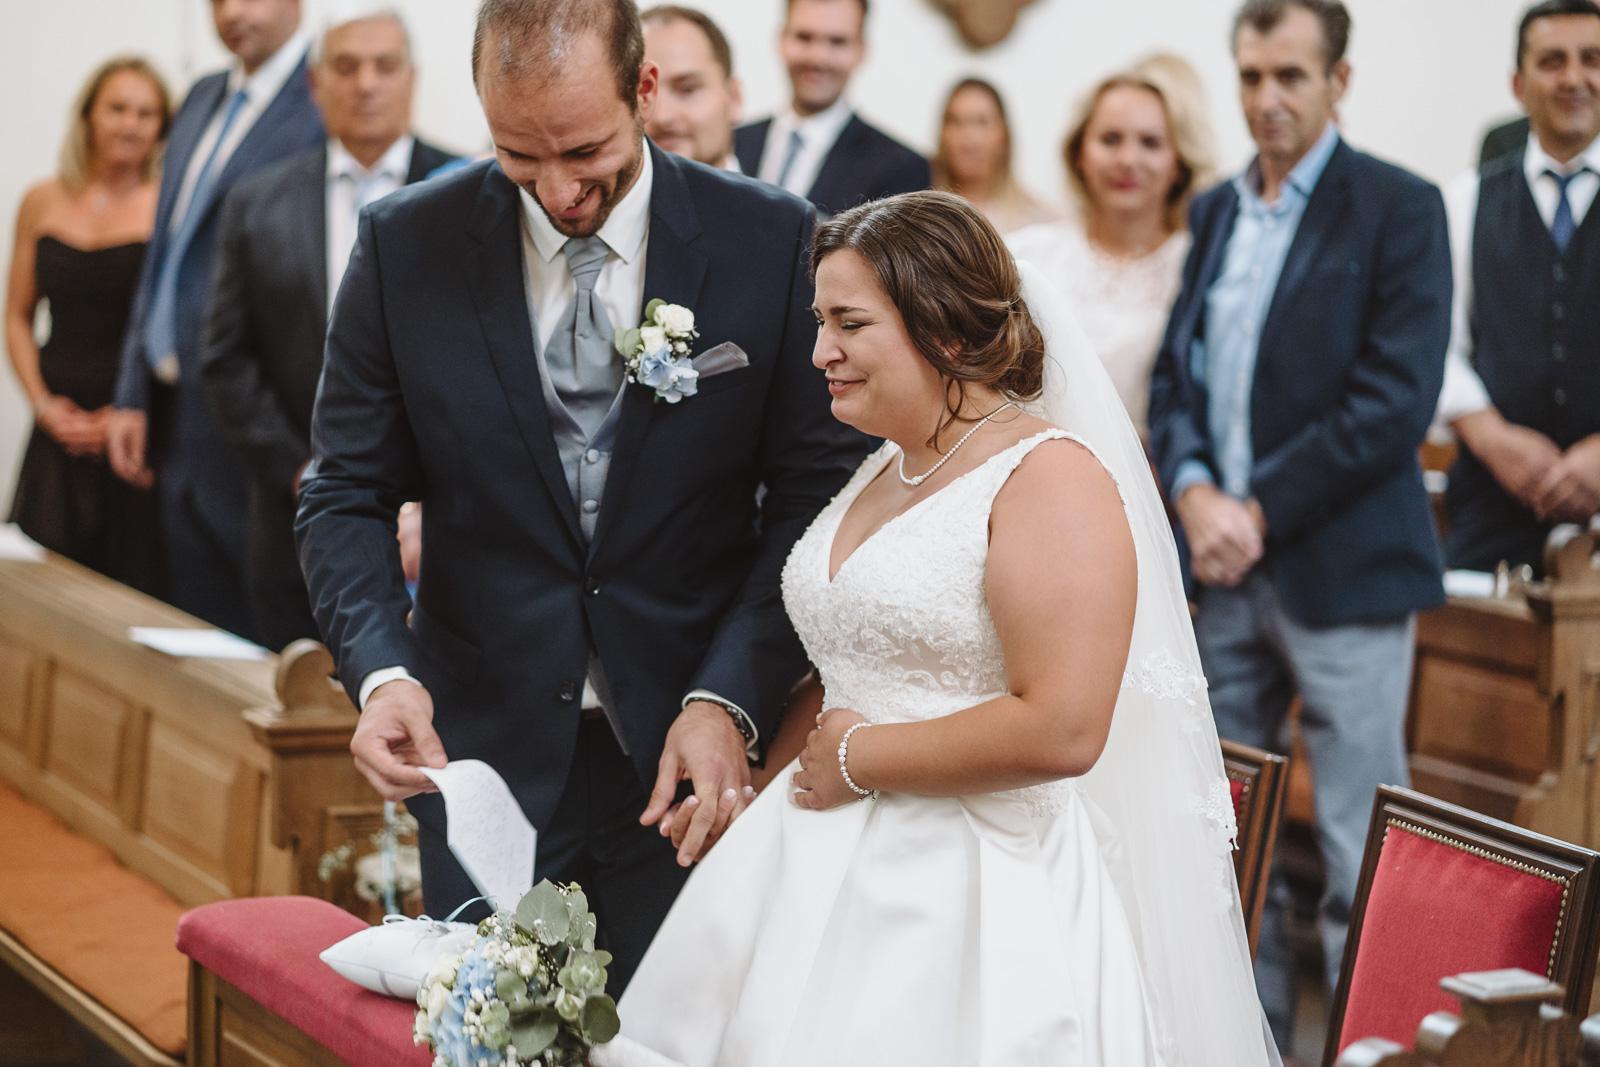 Hochzeitsfotografie - am Altar ganz emotional - Braut weint vor Glück